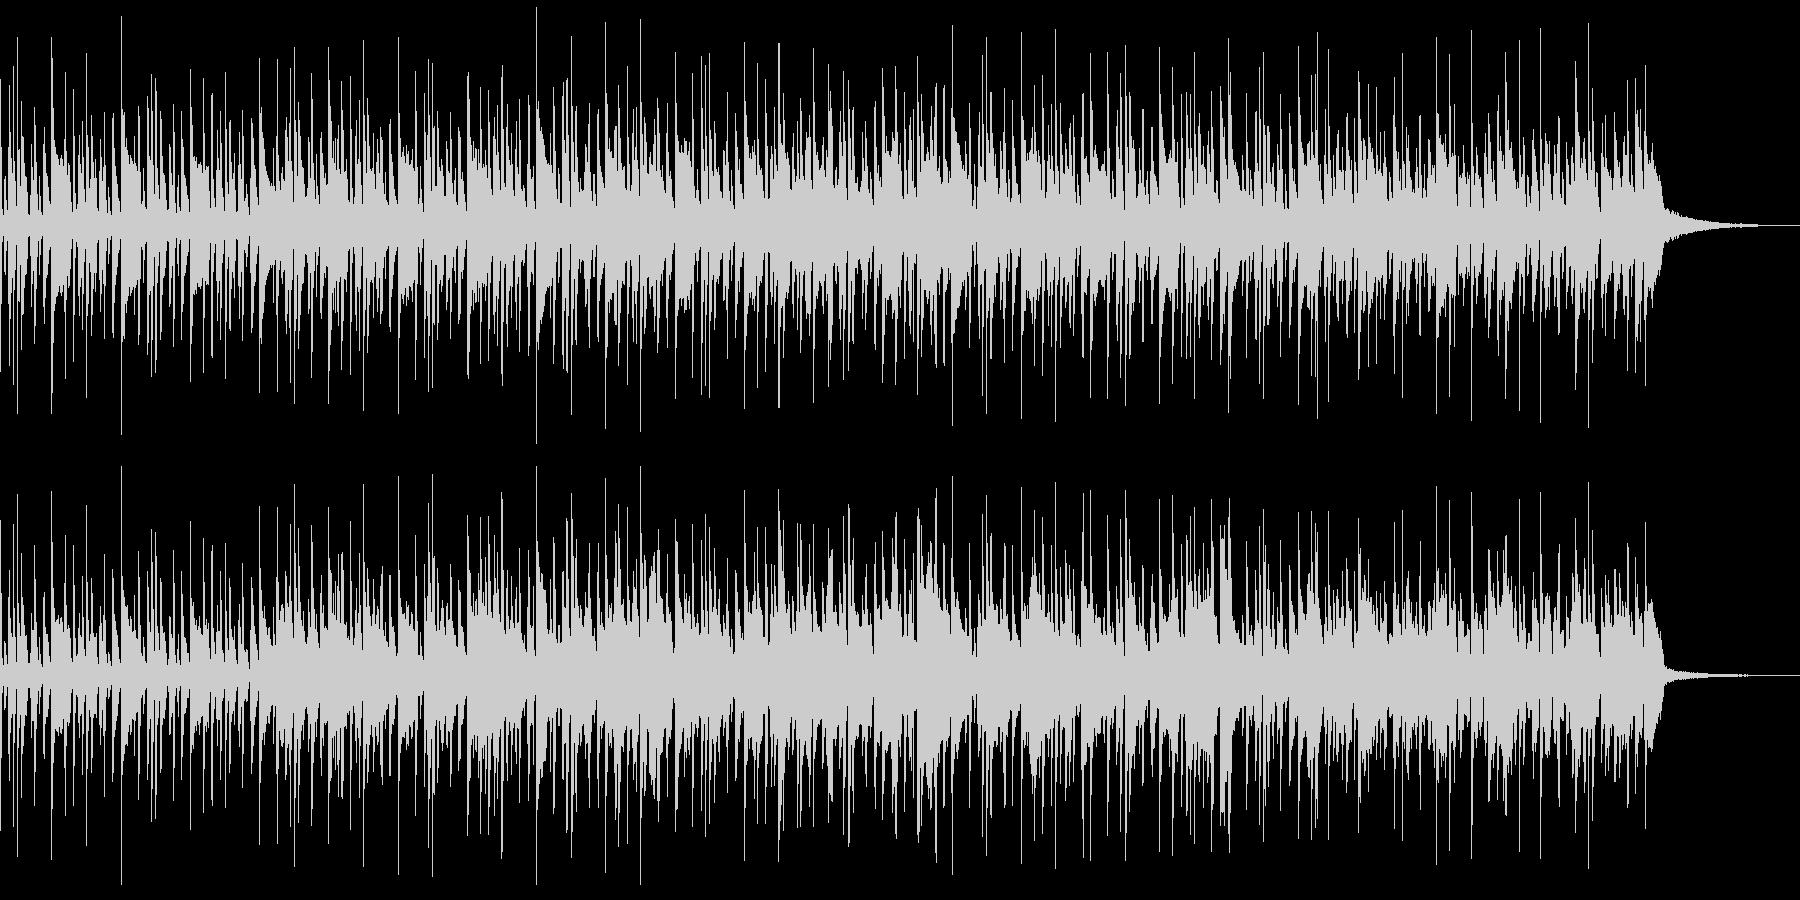 アコギとドラムだけのシンプルで軽快な曲の未再生の波形